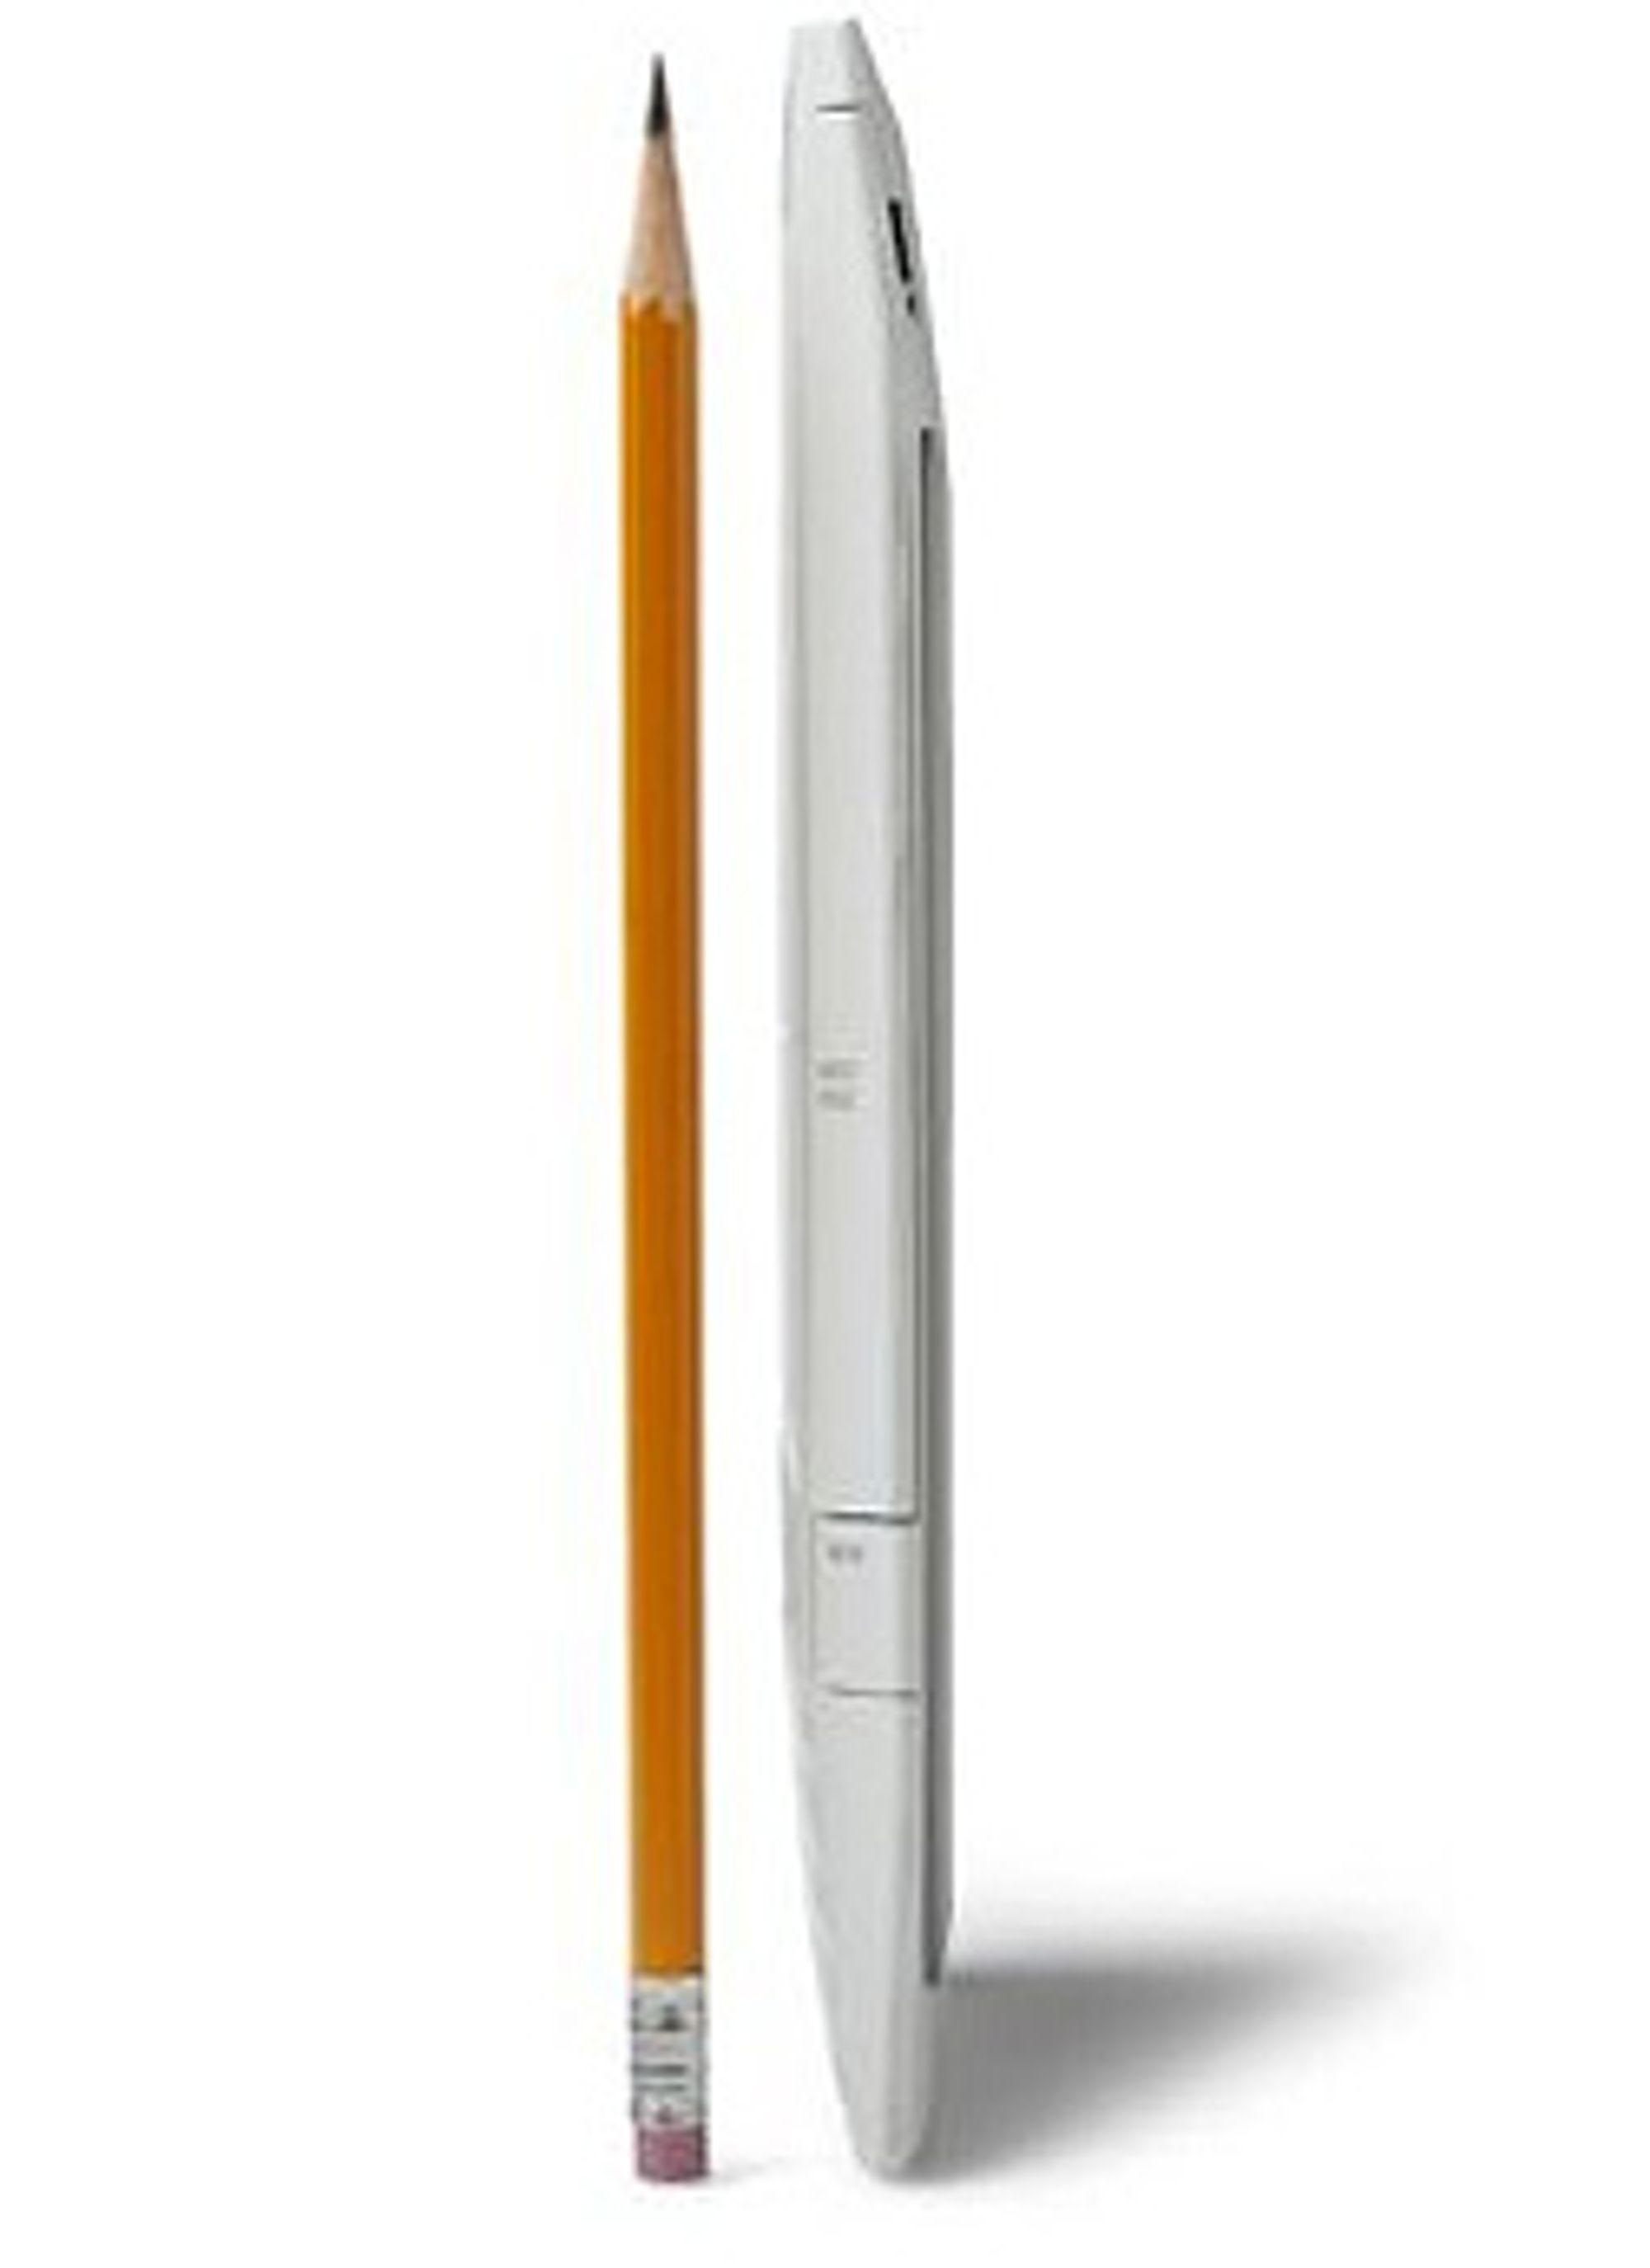 Kindle er ikke mye tykkere enn en blyant.